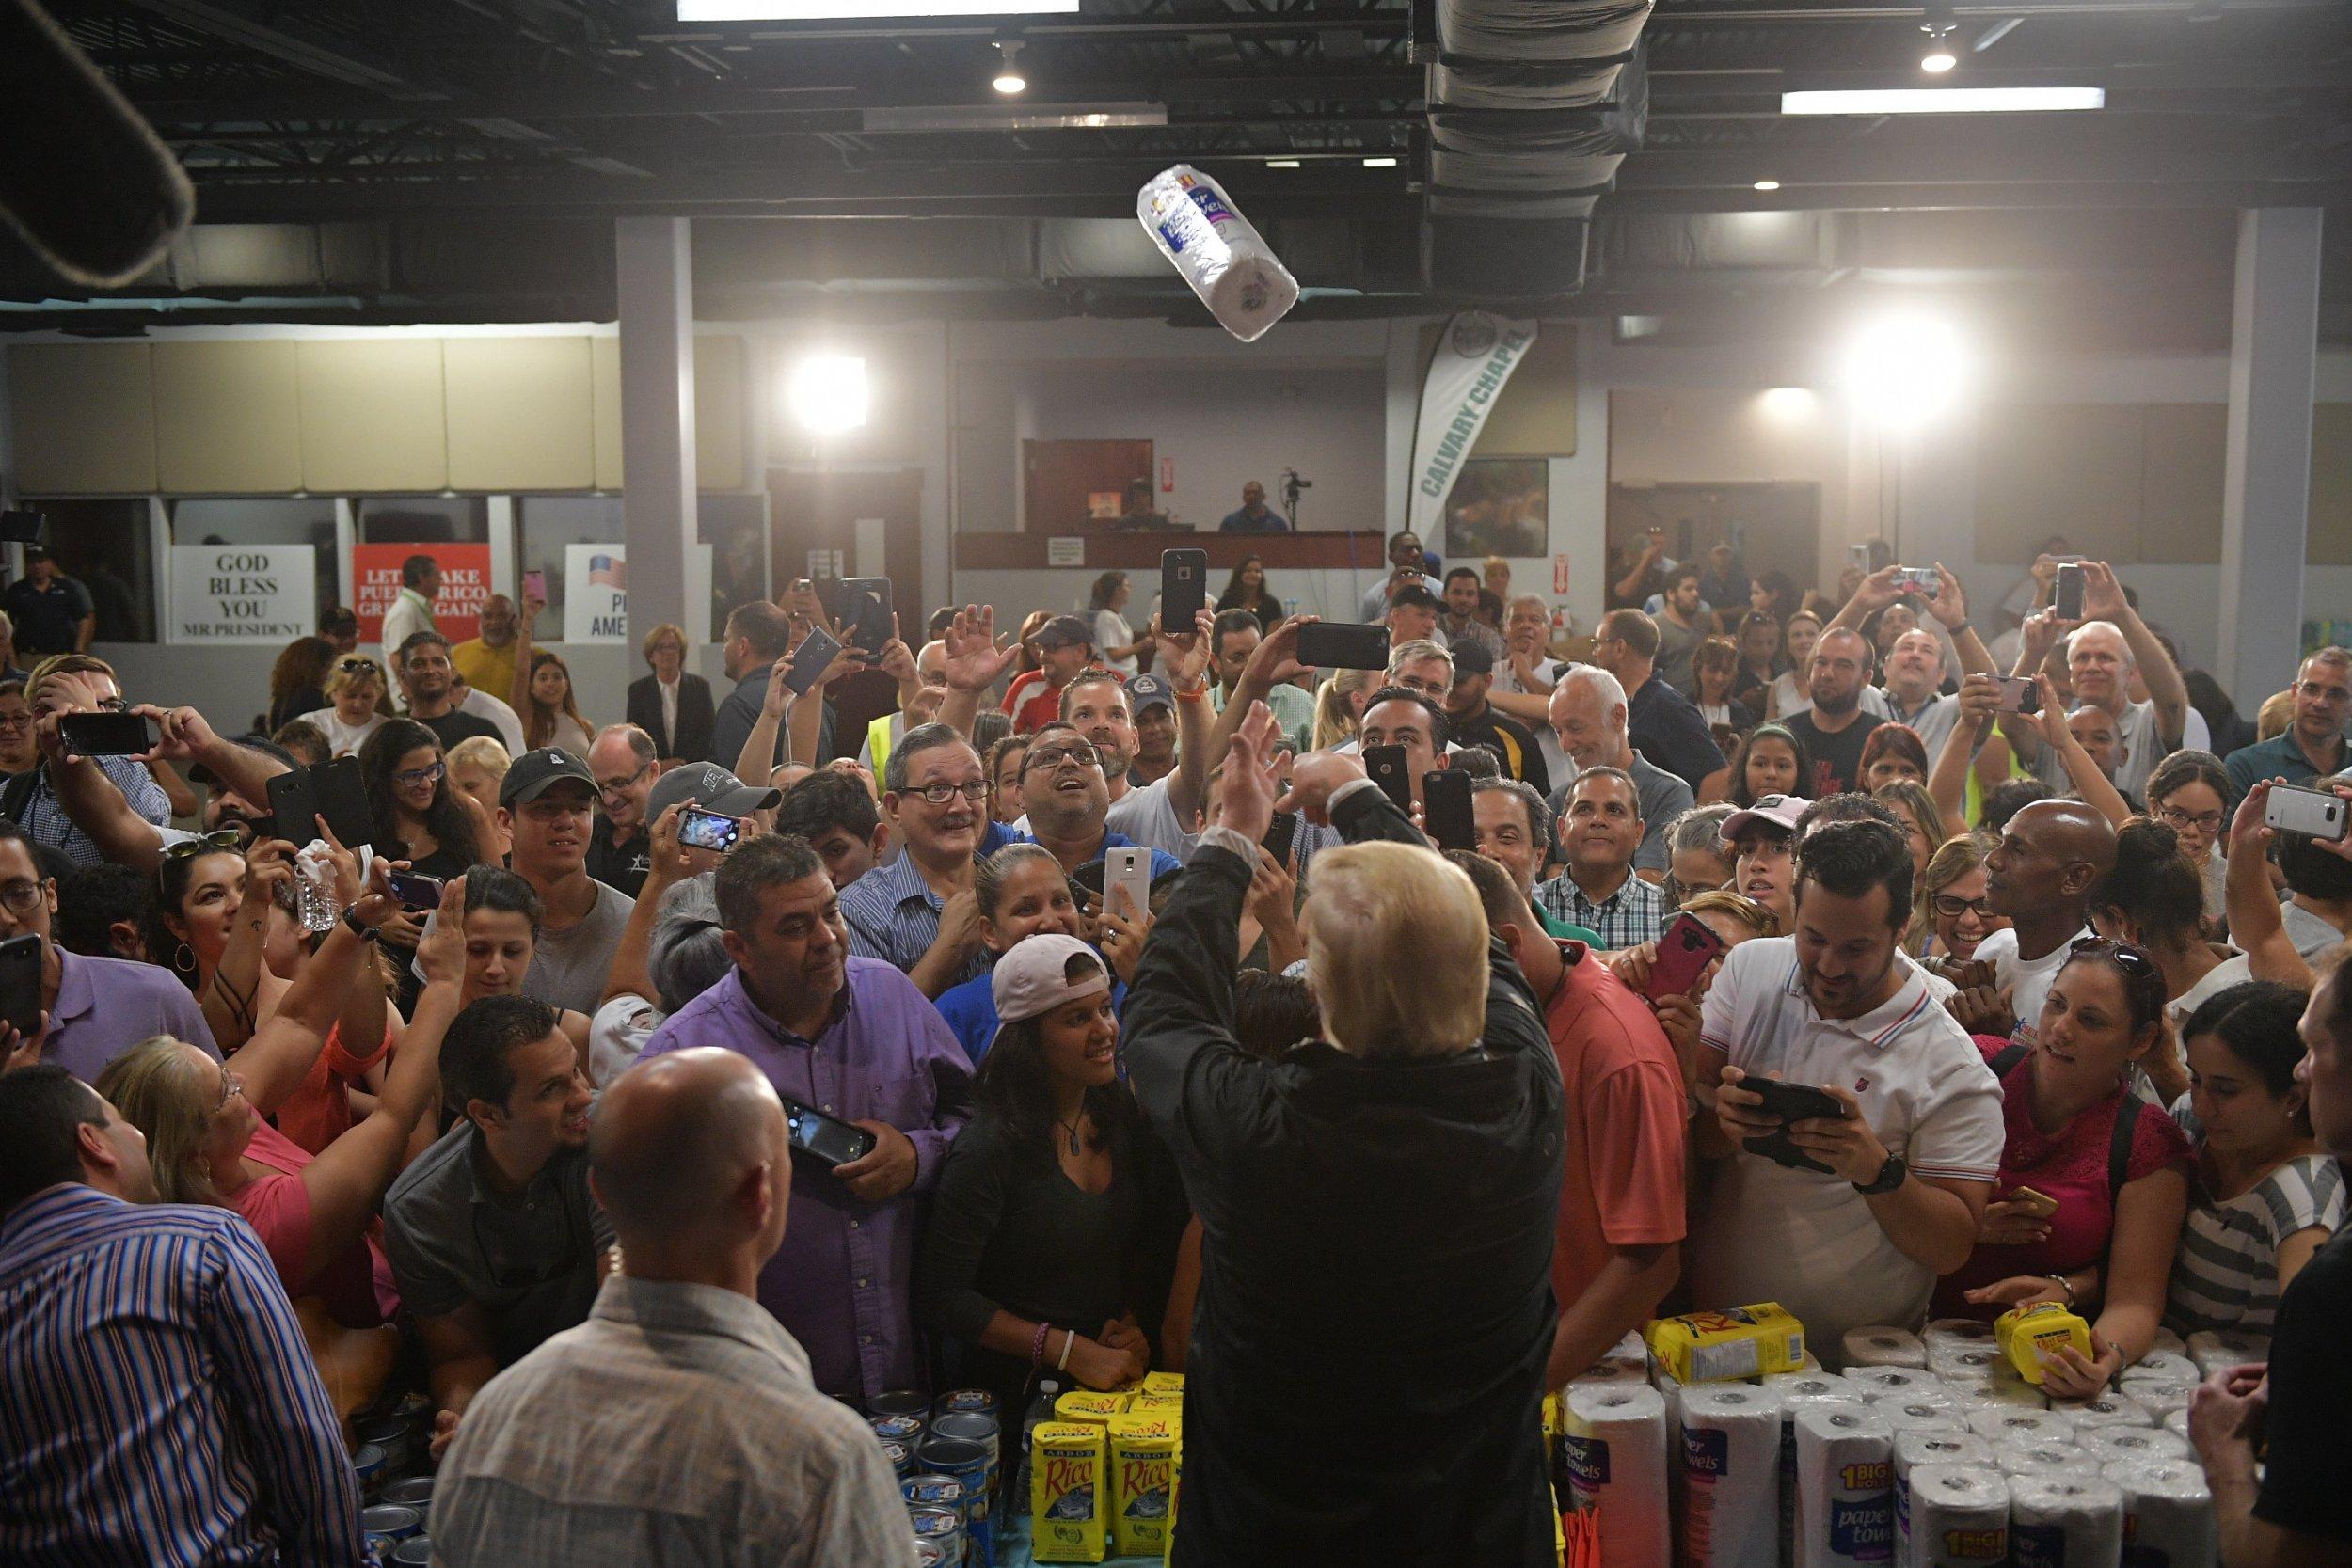 04_10_Mexico_aid_Puerto_Rico_Donald_Trump